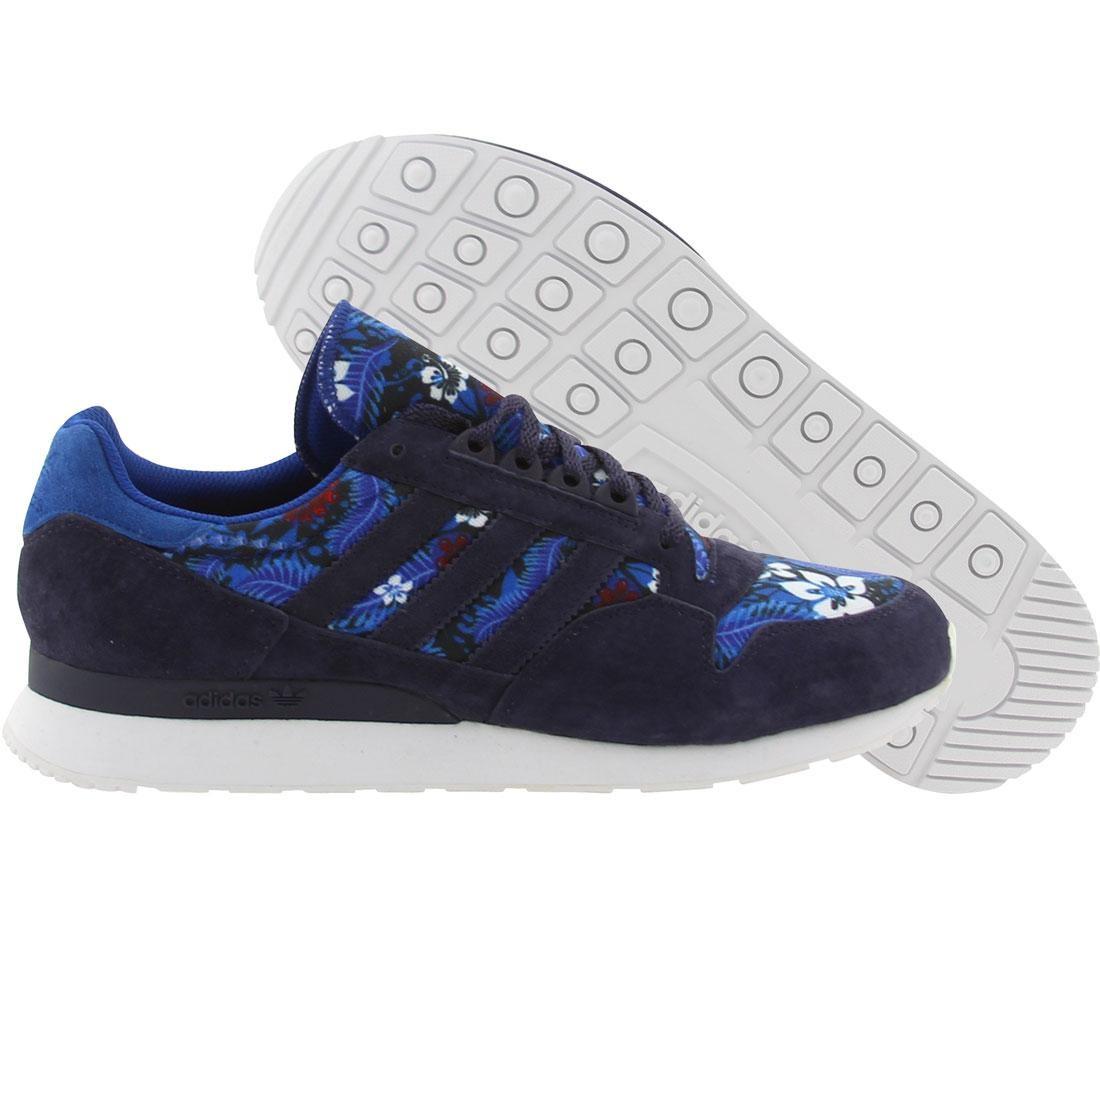 【海外限定】アディダス スニーカー メンズ靴 【 ADIDAS MEN ZX 500 HAWAIIAN BLUE TRUBLU MARINE RUNNINWHITE 】